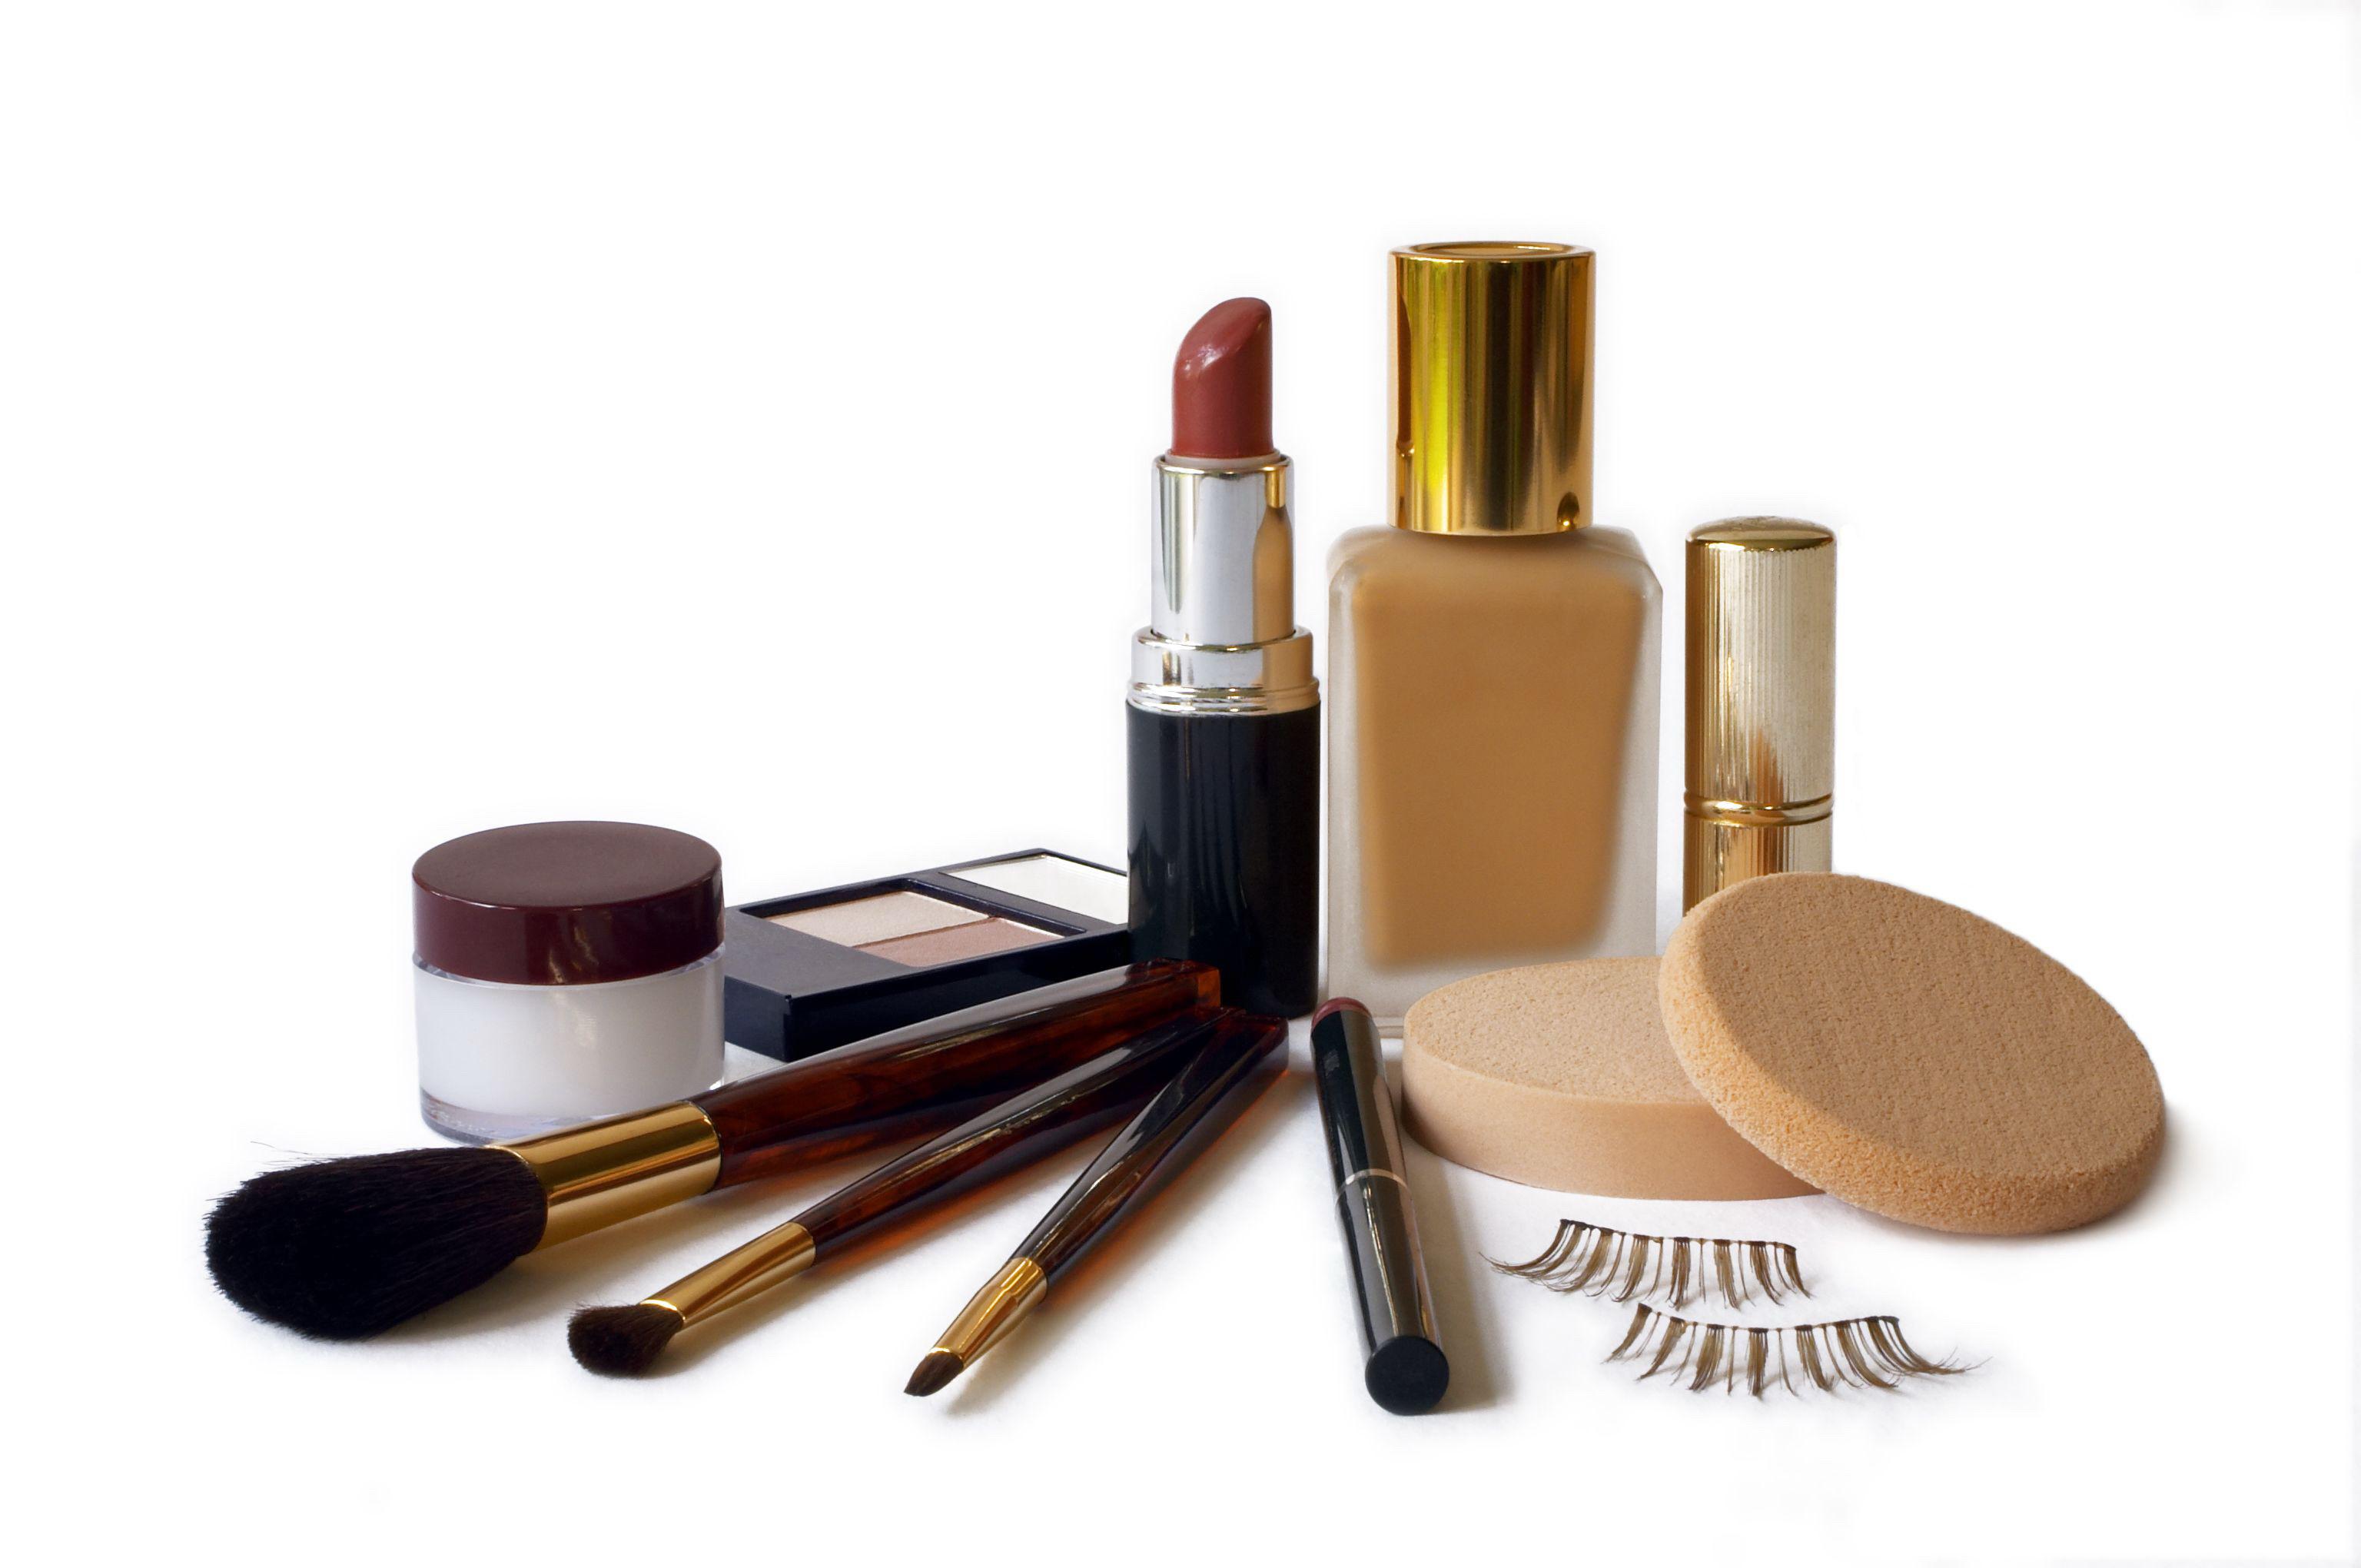 prodotti cosmetici argan